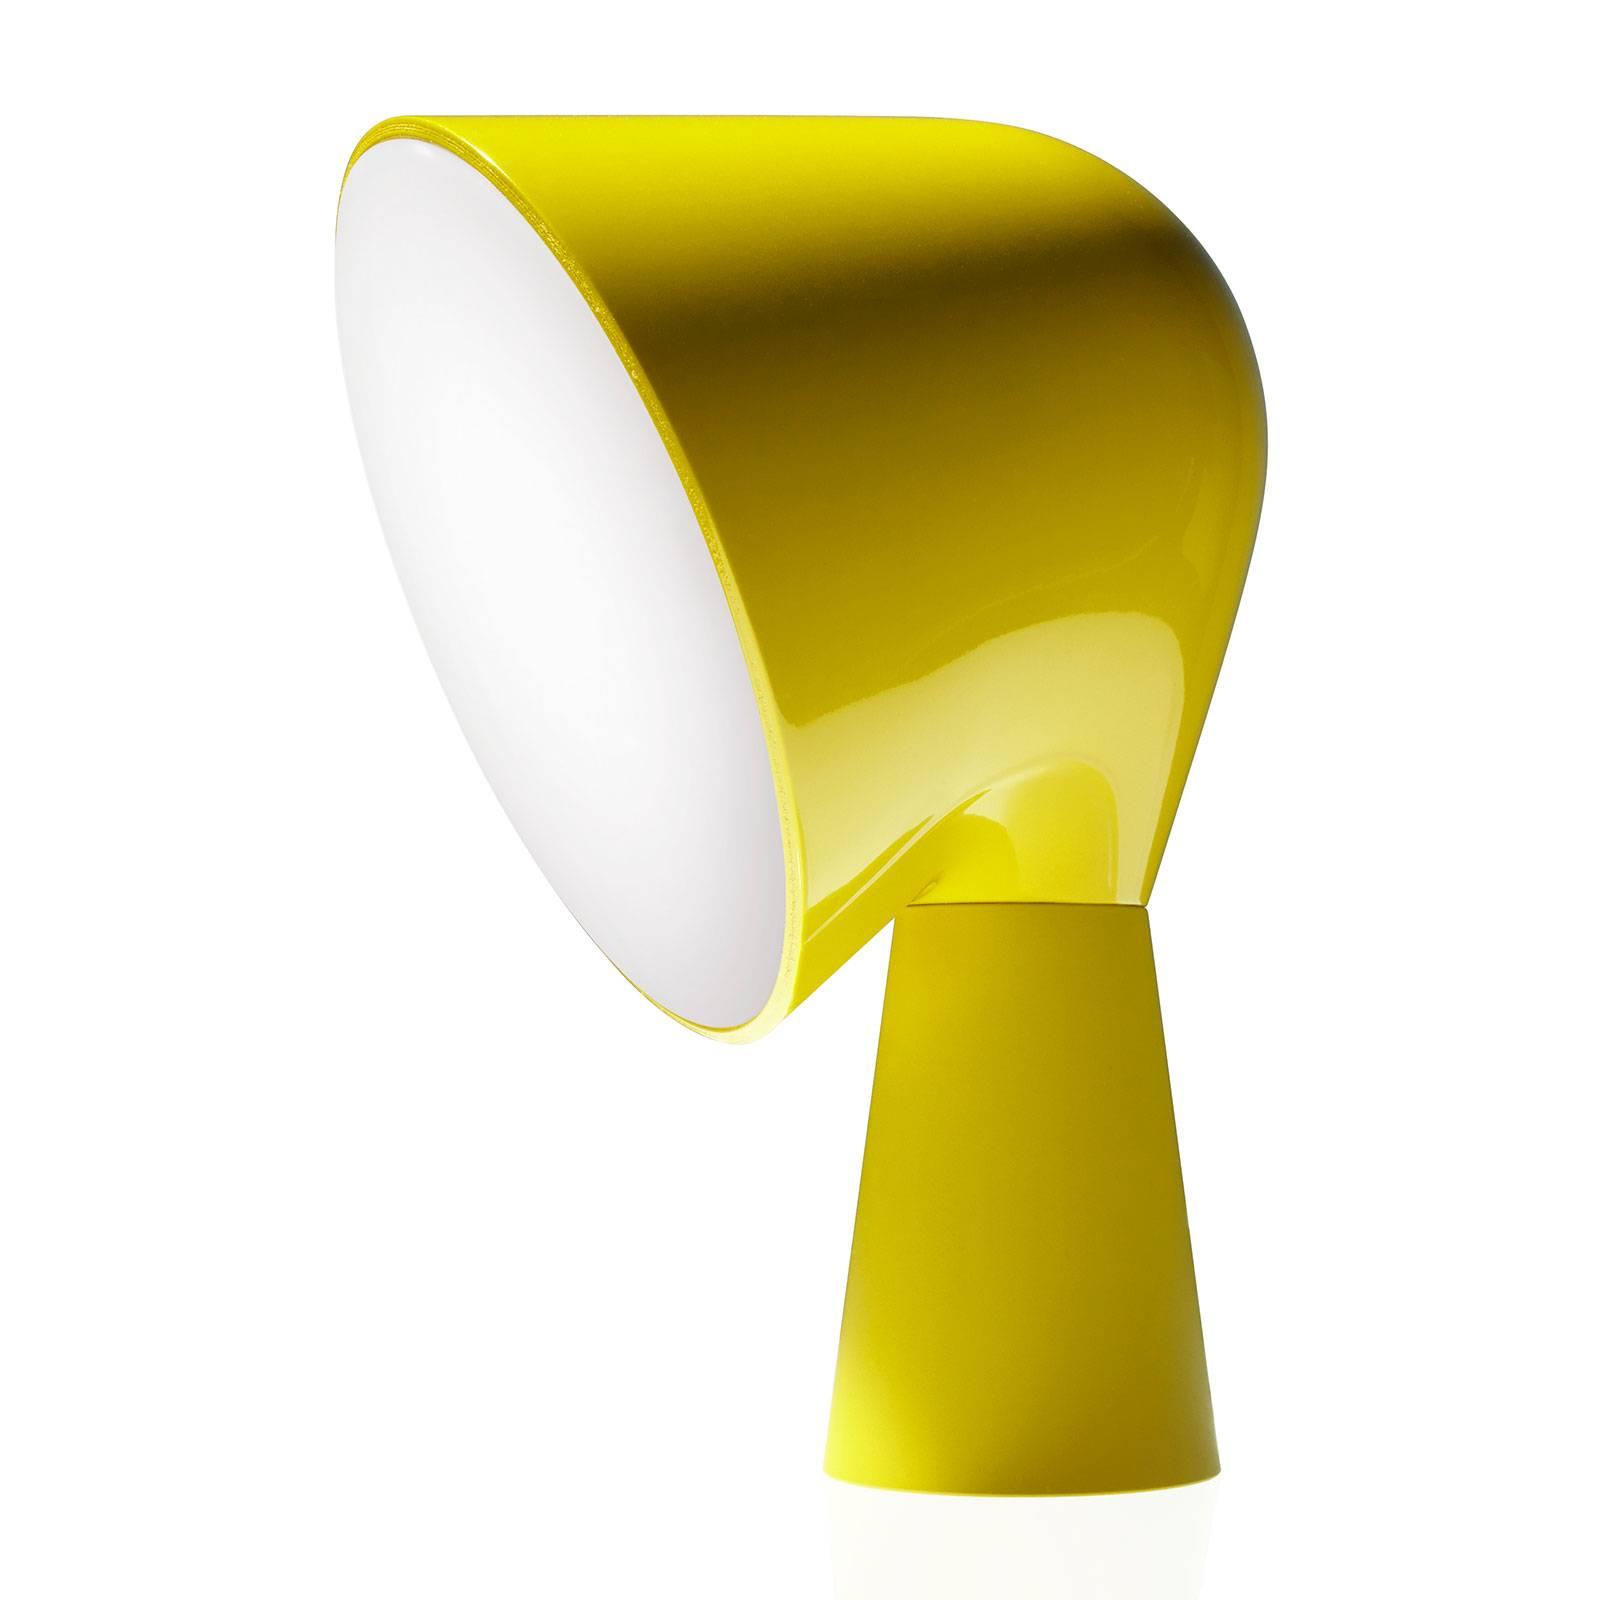 Foscarini Binic Designer-Tischleuchte, gelb